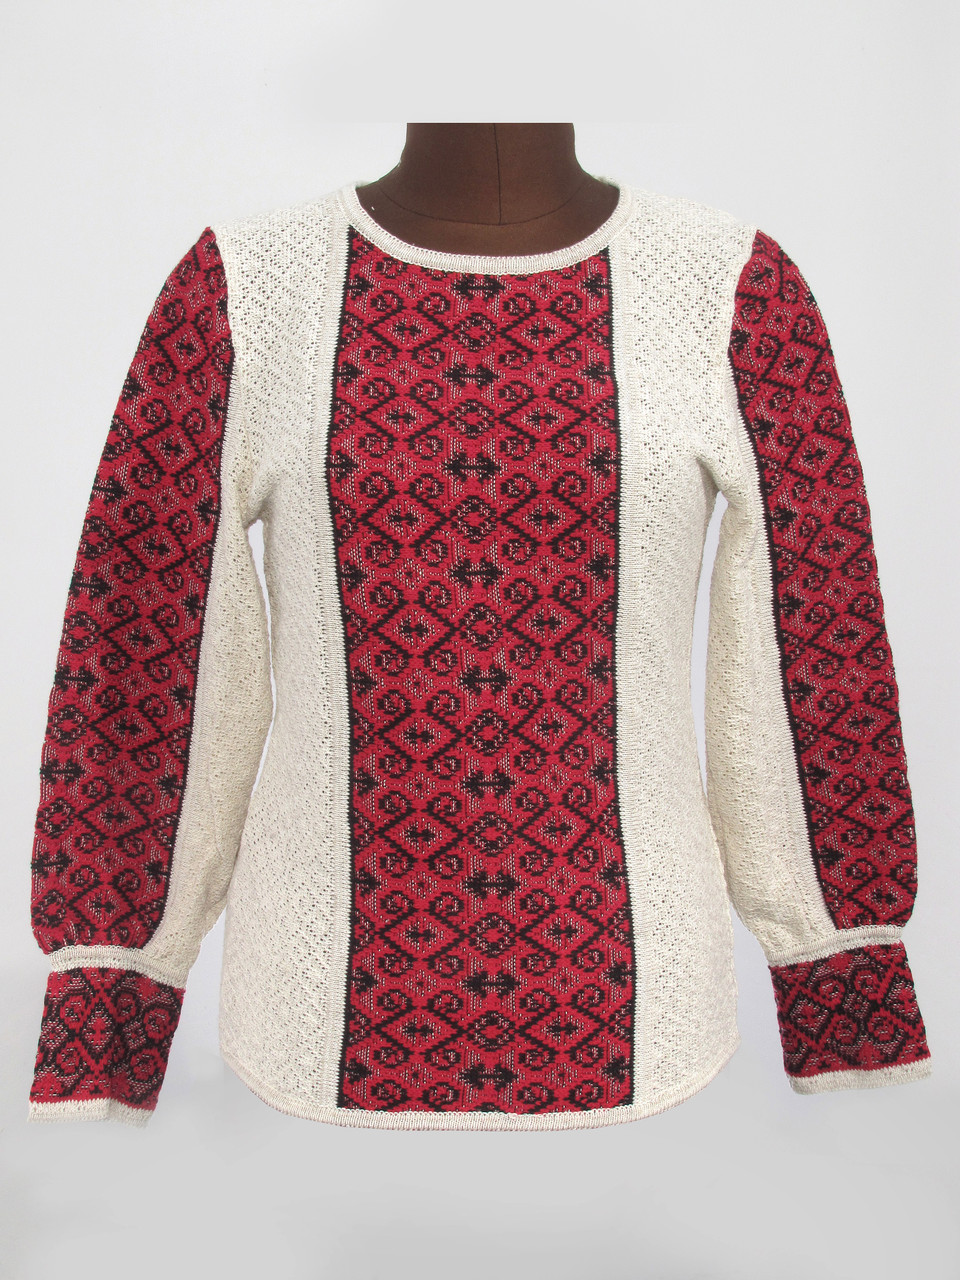 Женская рубашка вязаная Ромбы темно-красные